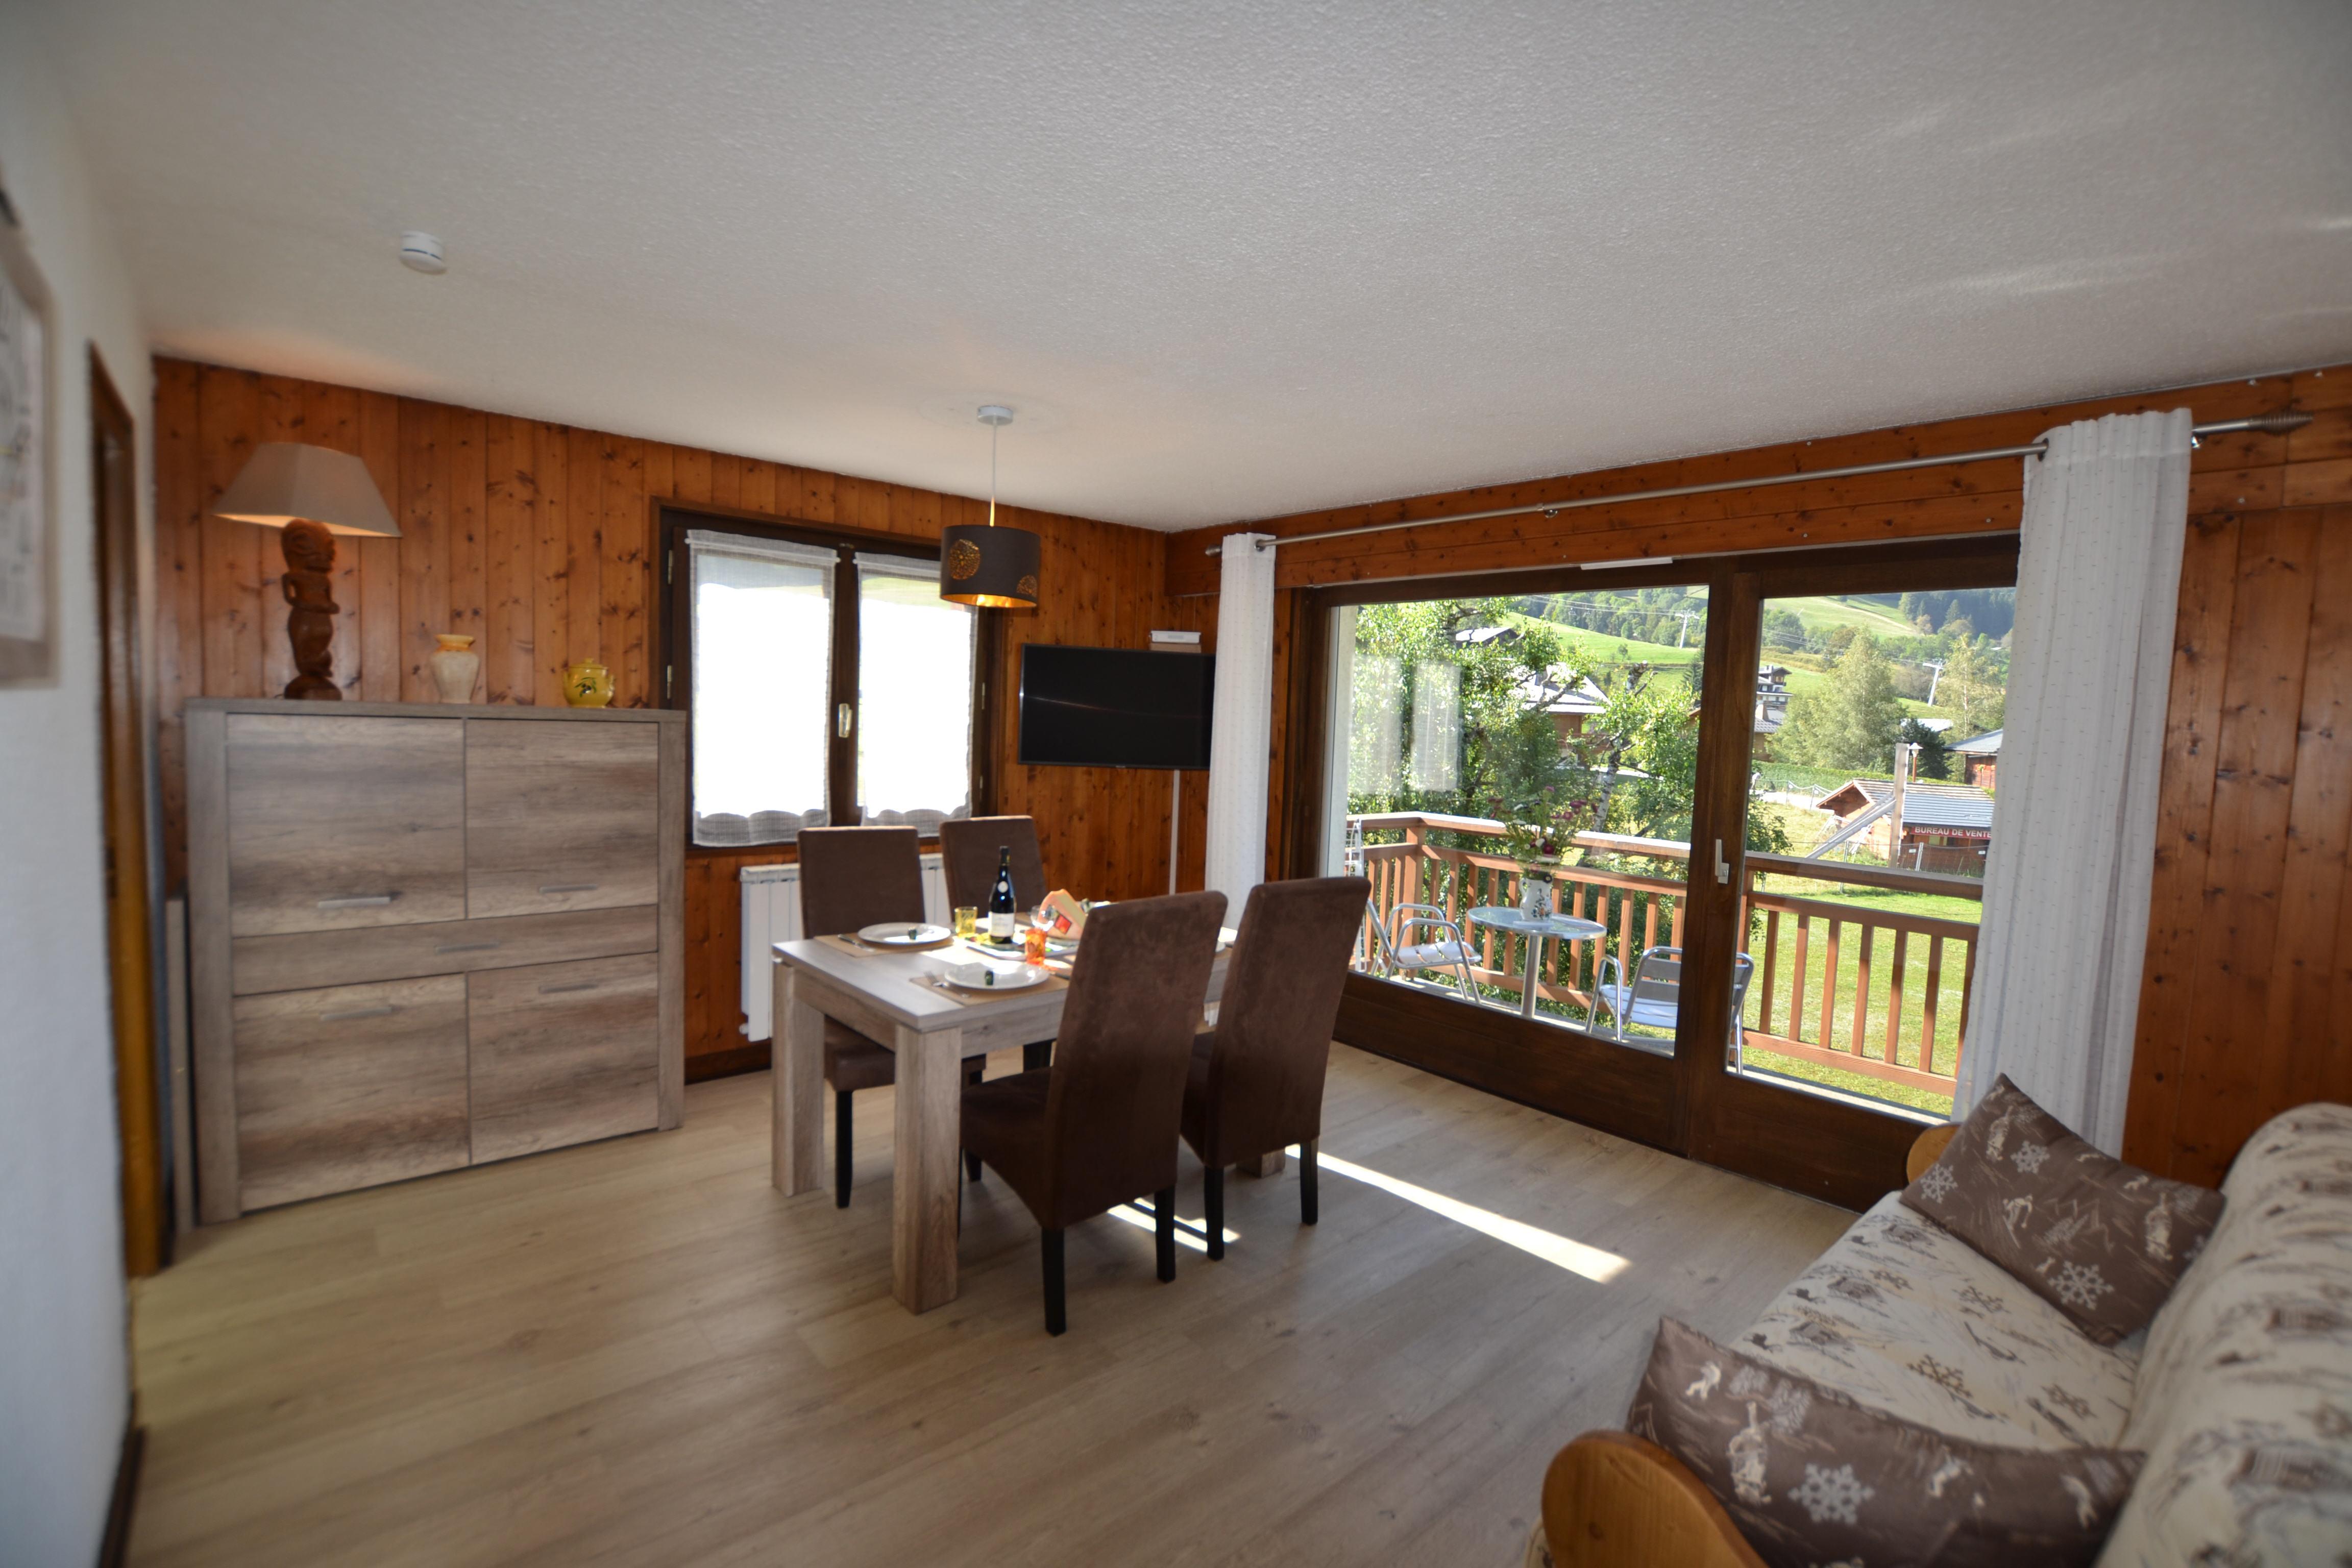 Location vacances 2 pièces confort pour 4 personnes à Praz Sur Arly